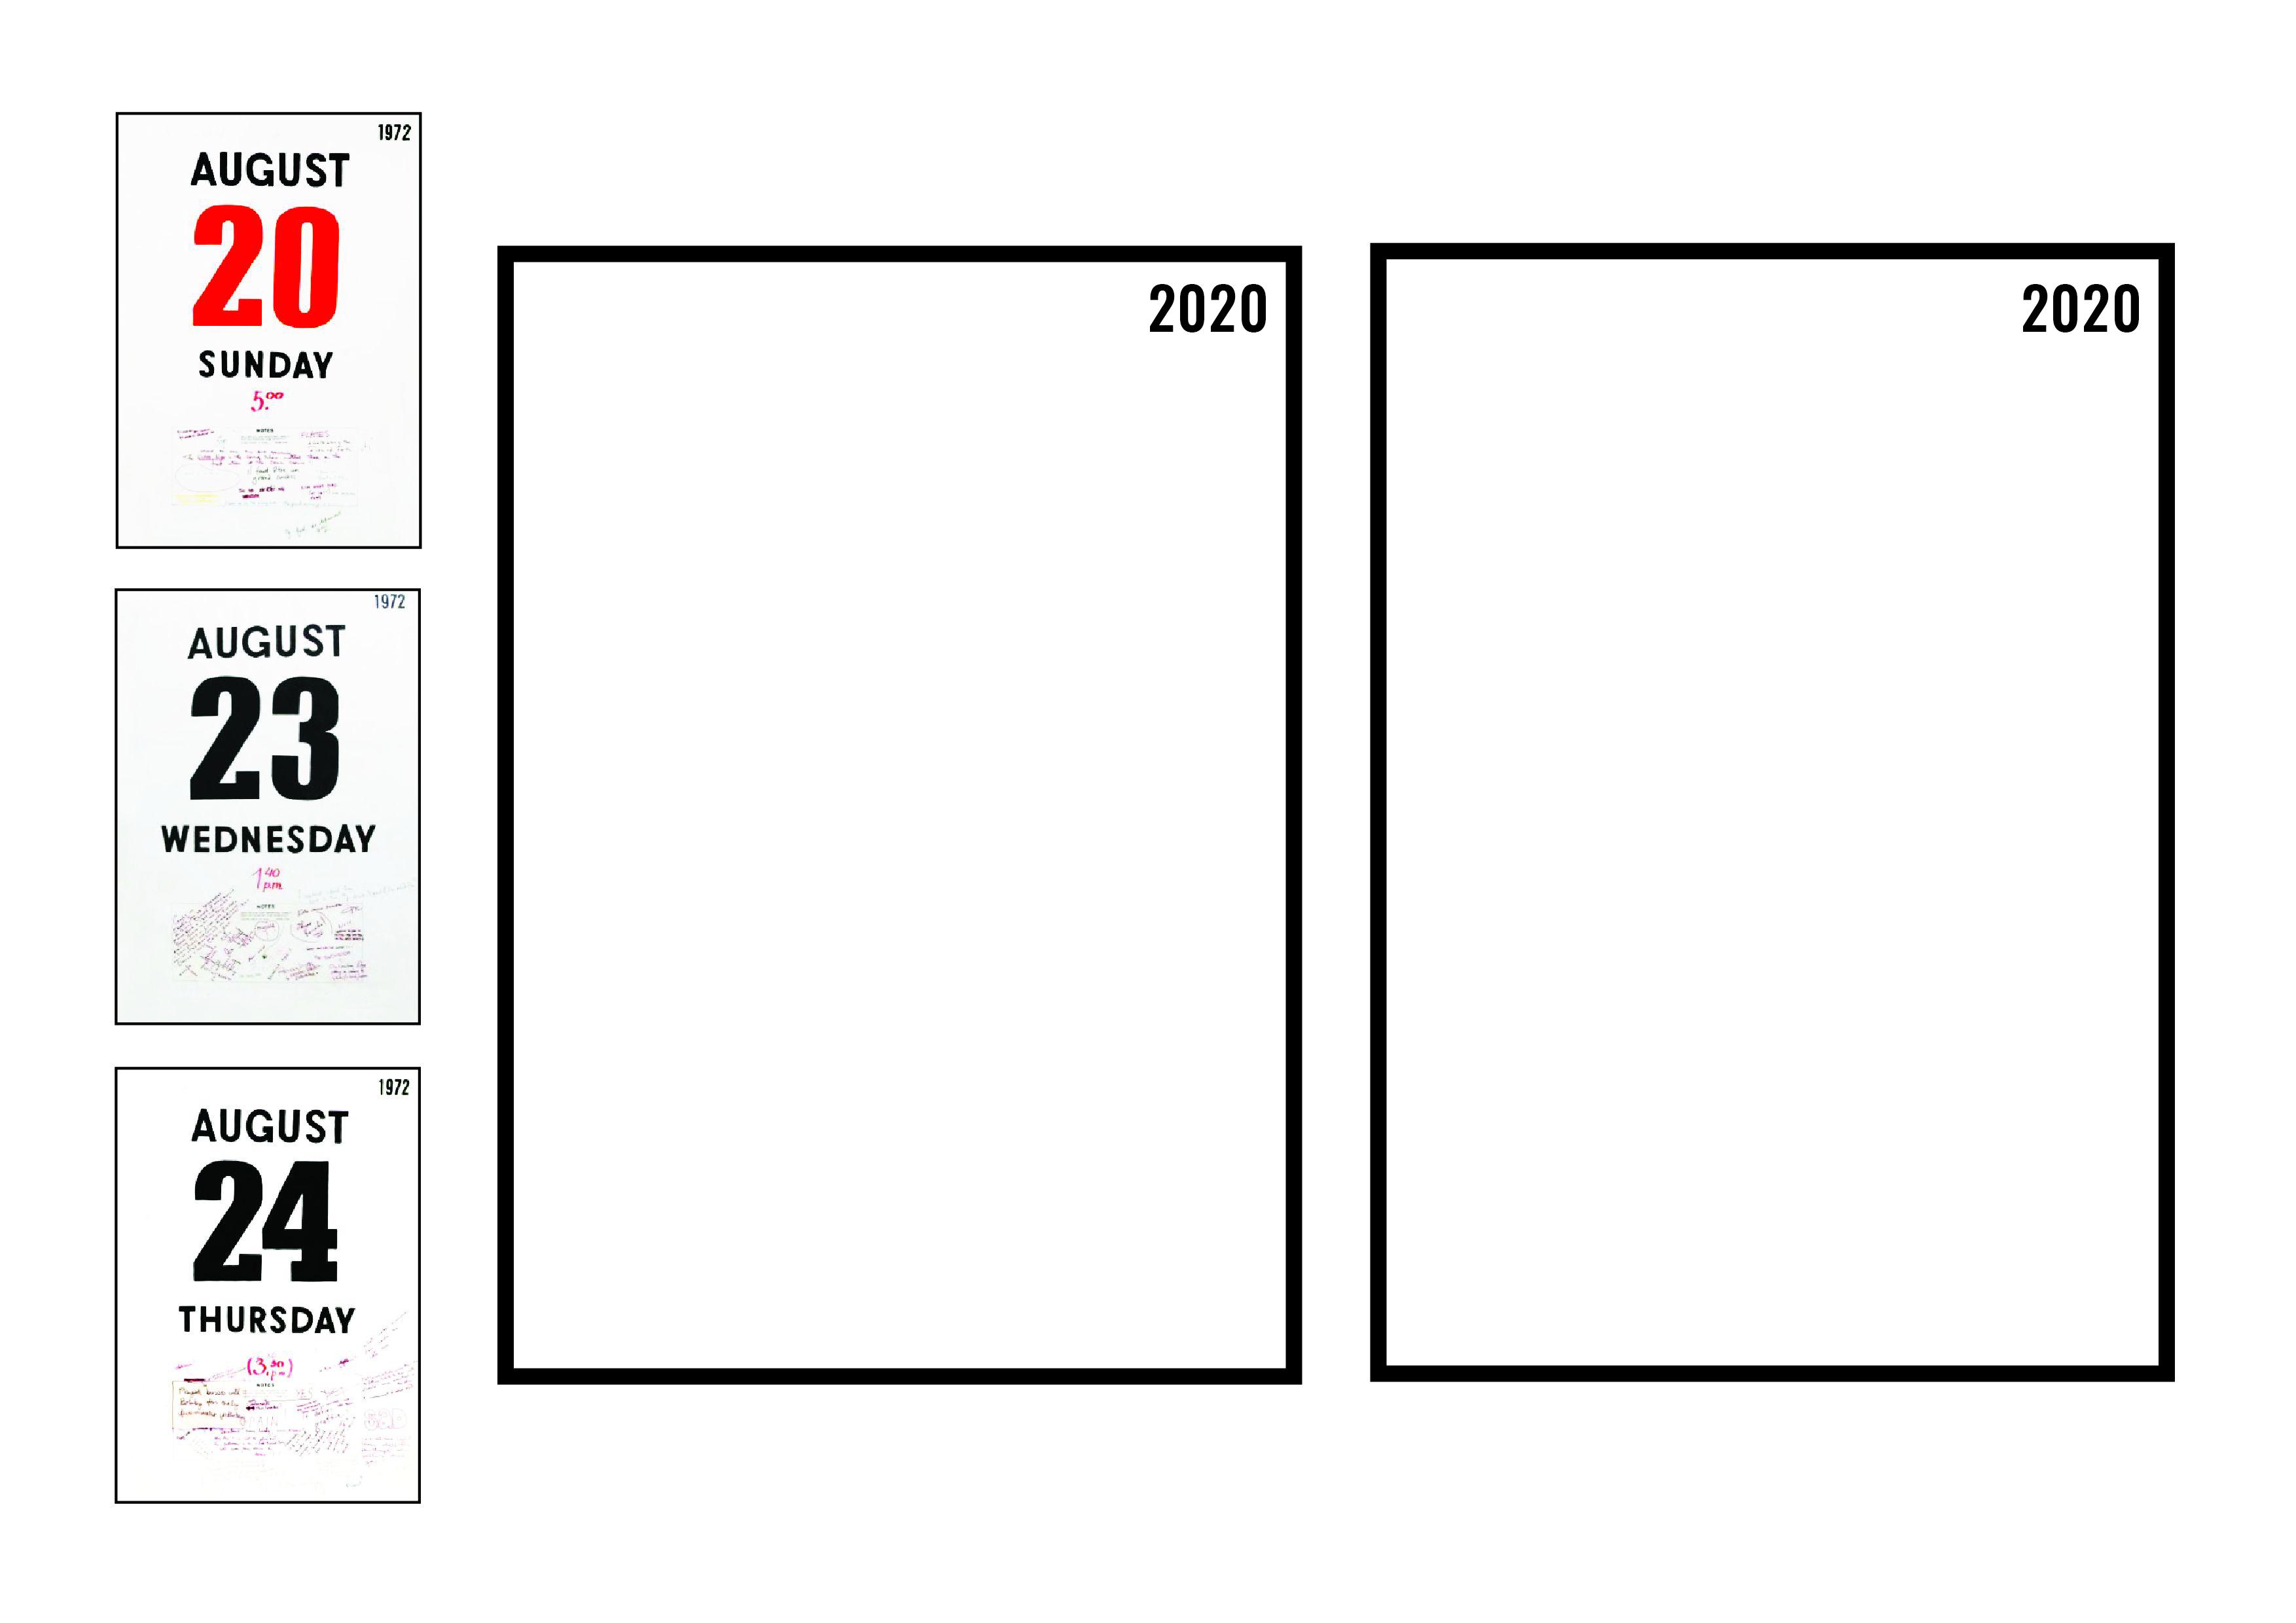 Pobierz/Otwórz pdf - Mój kalendarz - Magdalena Sawicka